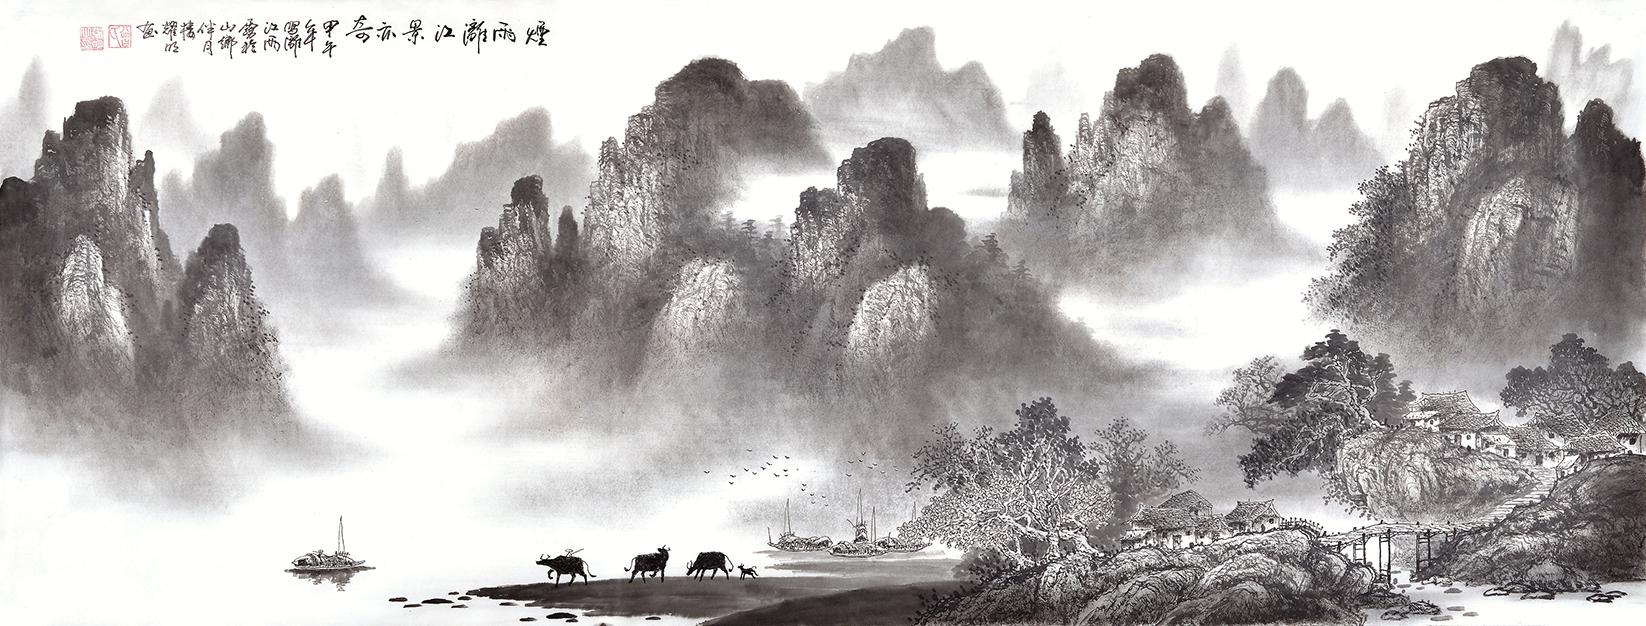 曾耀明漓江山水画作品欣赏